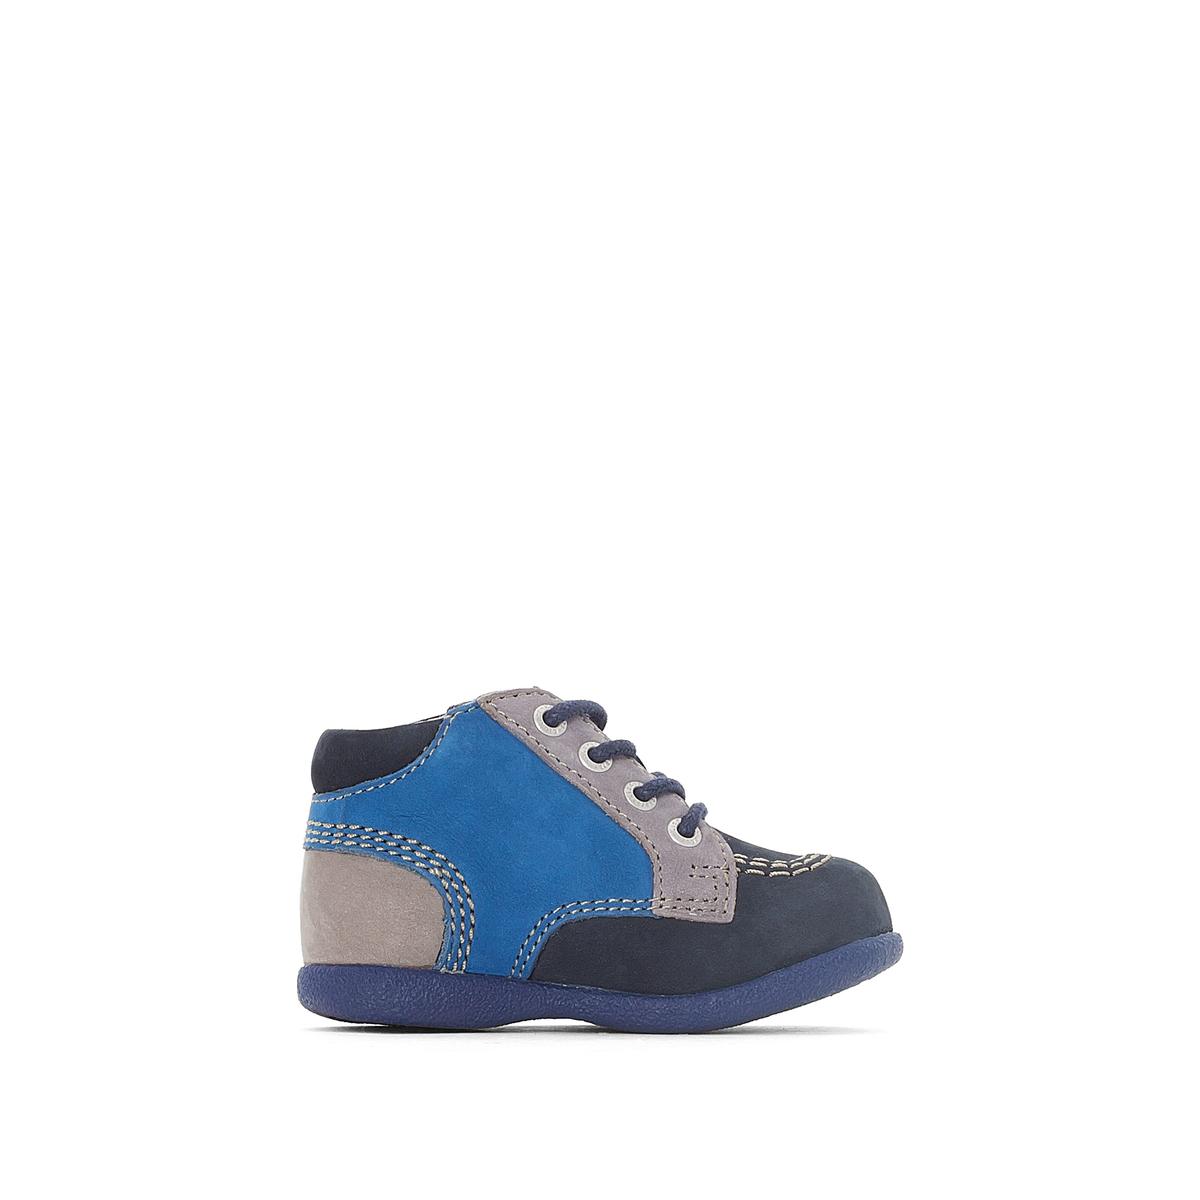 Ботильоны кожаные BABYSTANДетали  •  Застежка : шнуровка •  Круглый мысок •  Велюровая отделка, нубукСостав и уход  •  Верх 100% нубук •  Подкладка 100% спилок •  Стелька 100% спилок •  Подошва 100% каучук<br><br>Цвет: темно-синий/ синий